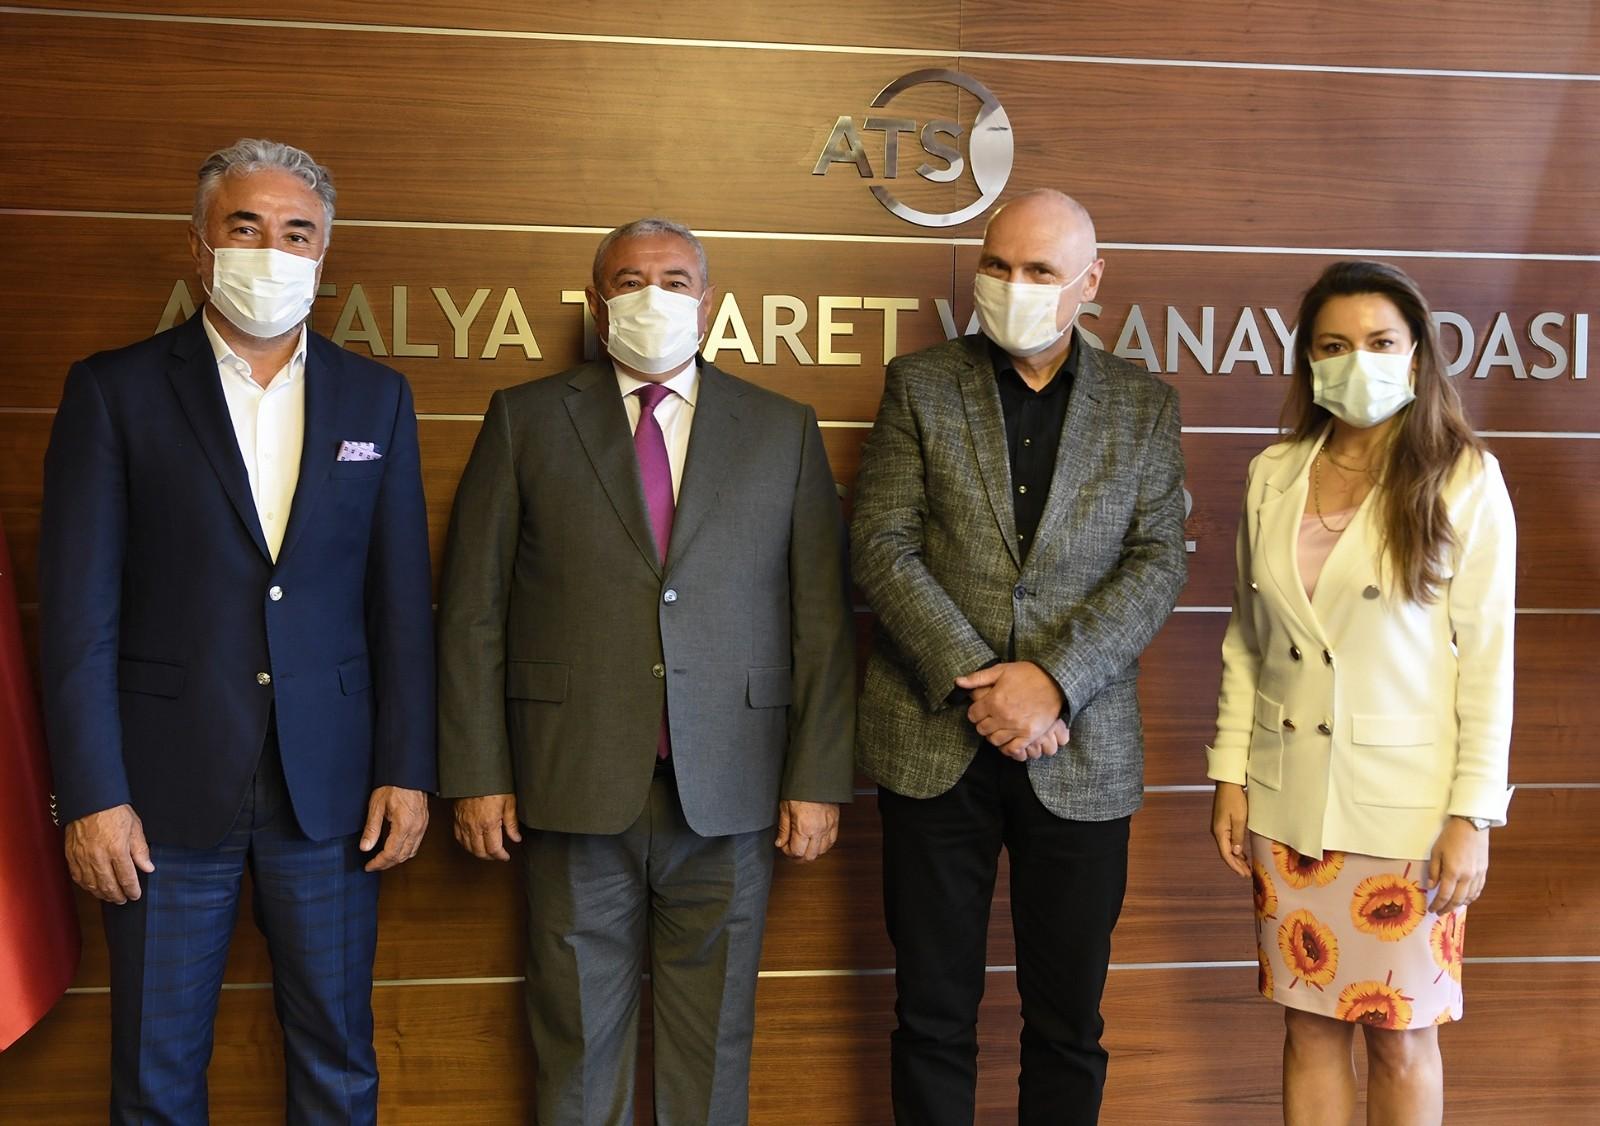 Pandemi, Antalya'ya yatırım yapan yabancı sermayeyi durdurmadı